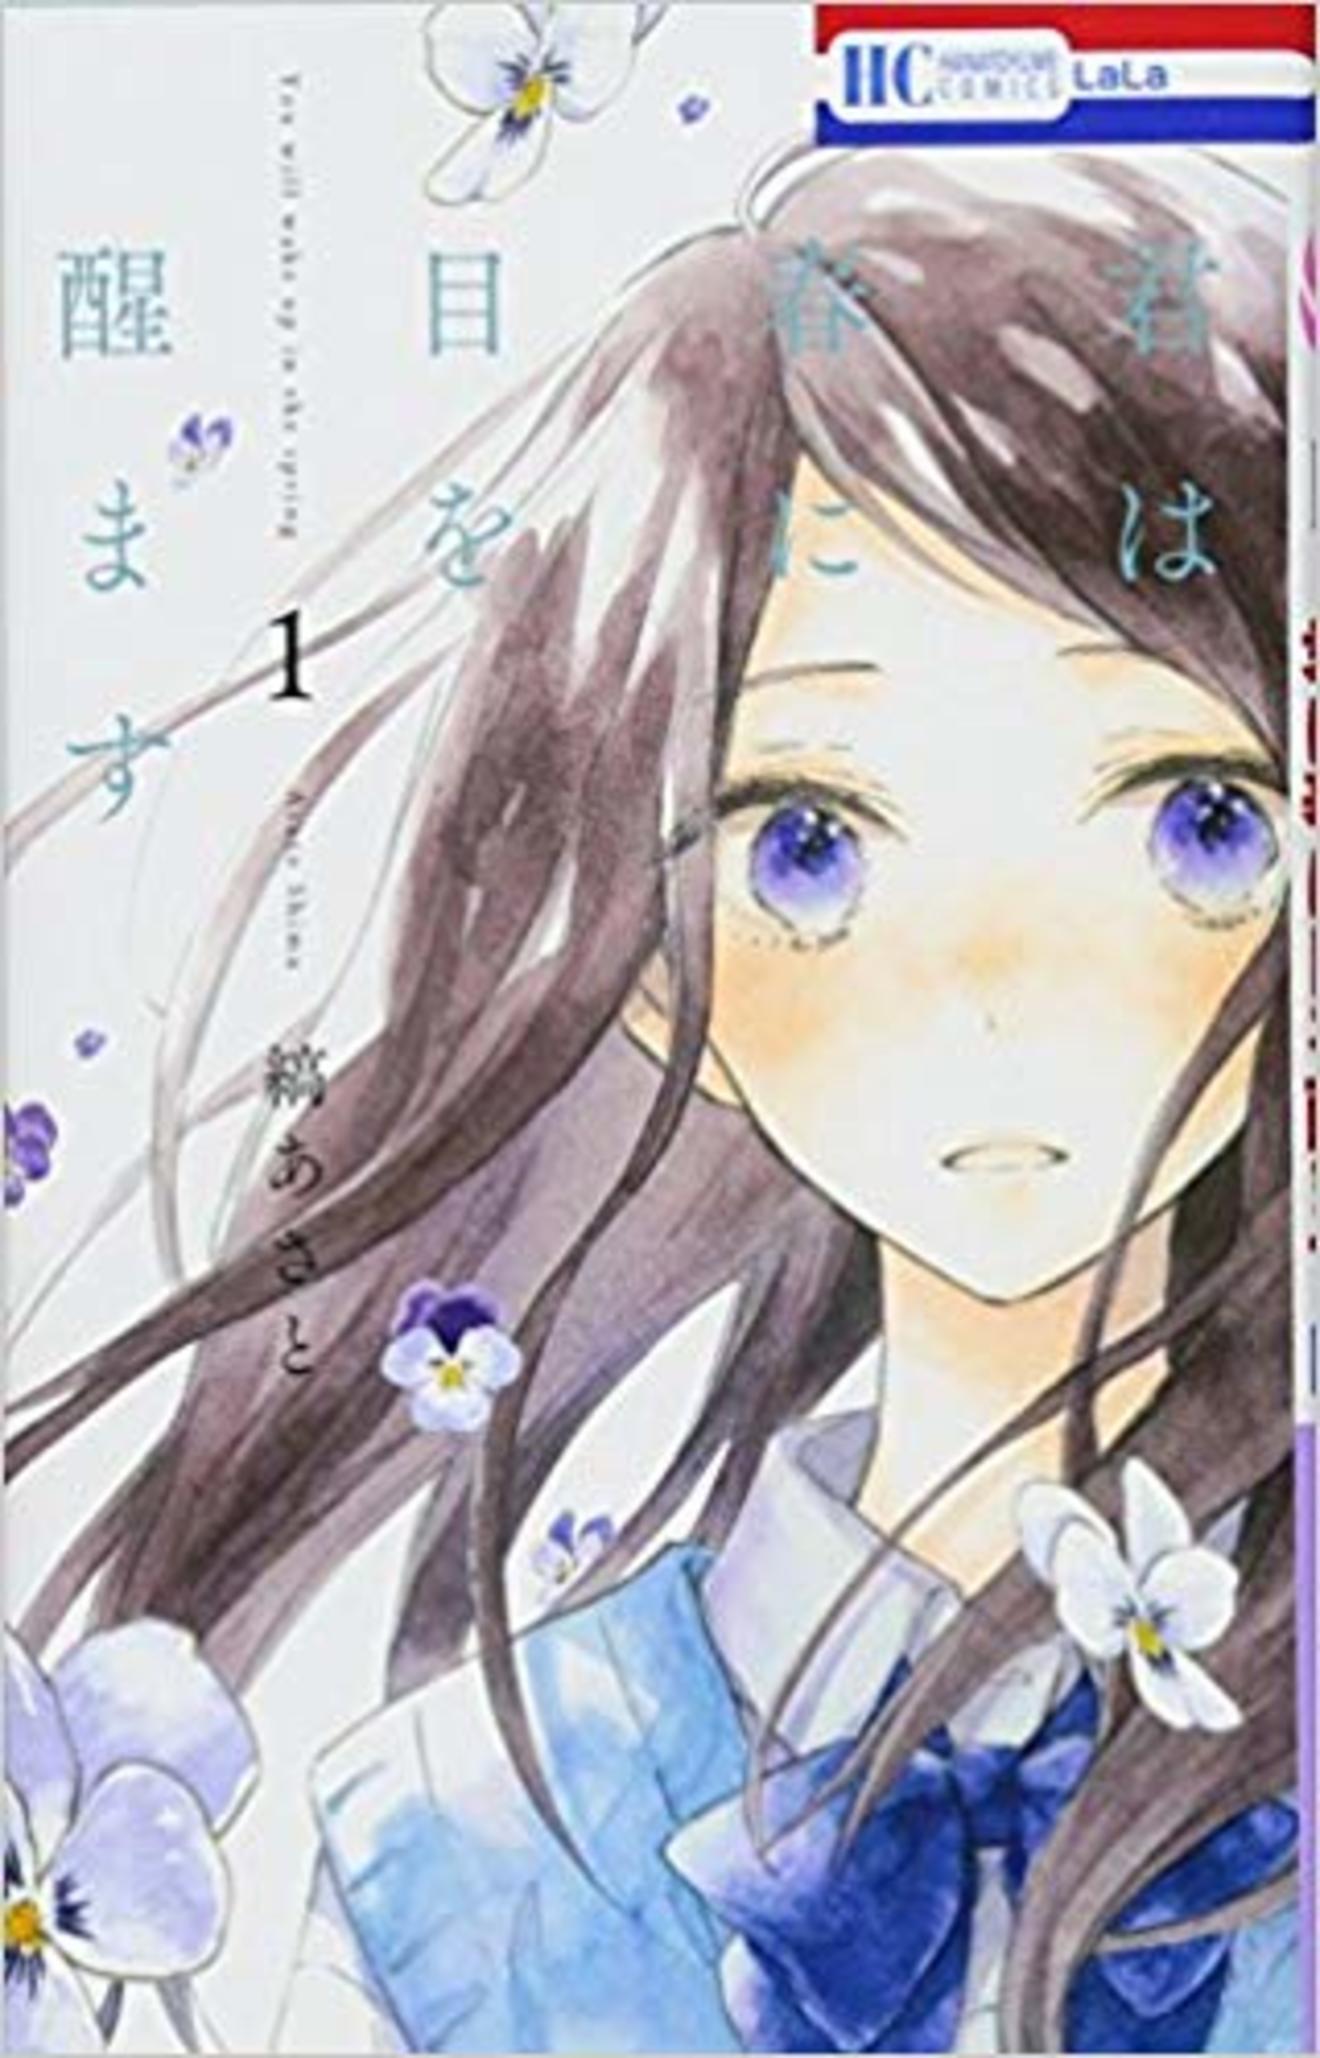 『君は春に目を醒ます』4巻までネタバレ!7年超しの初恋物語が面白い!無料